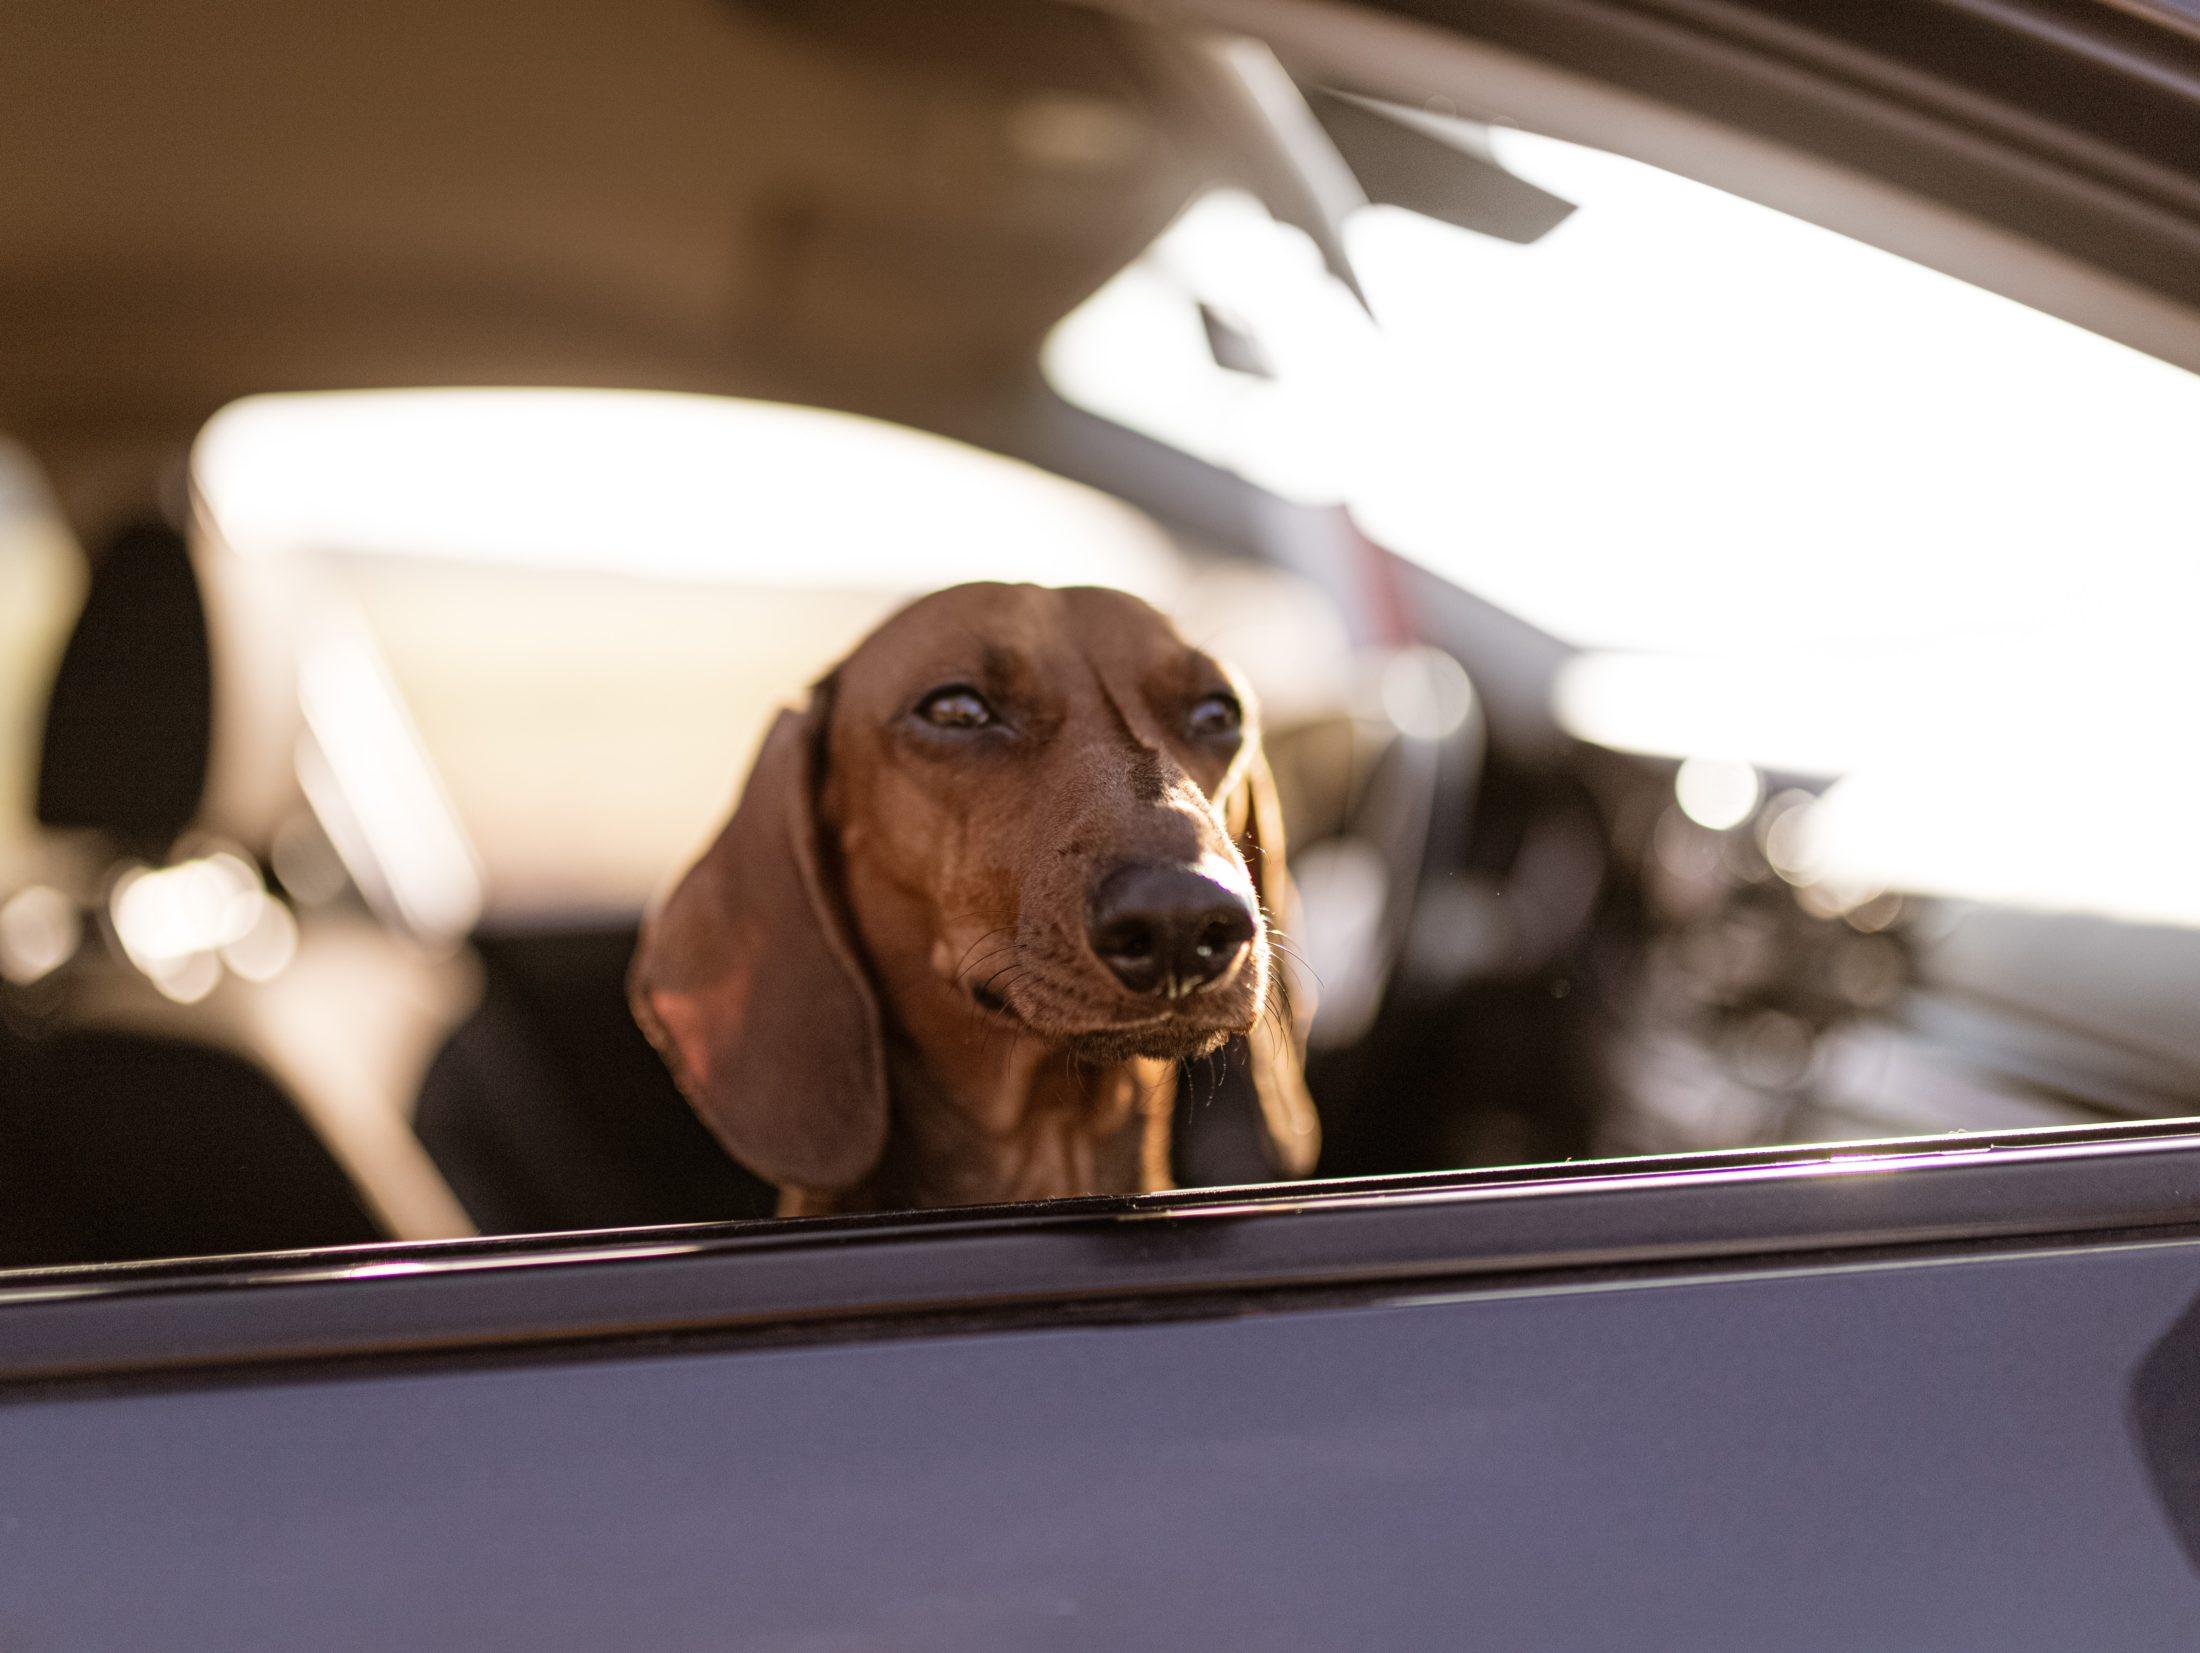 A cadeirinha para cachorro é também um dos acessórios para carro fundamentais para o conforto e segurança do animal.